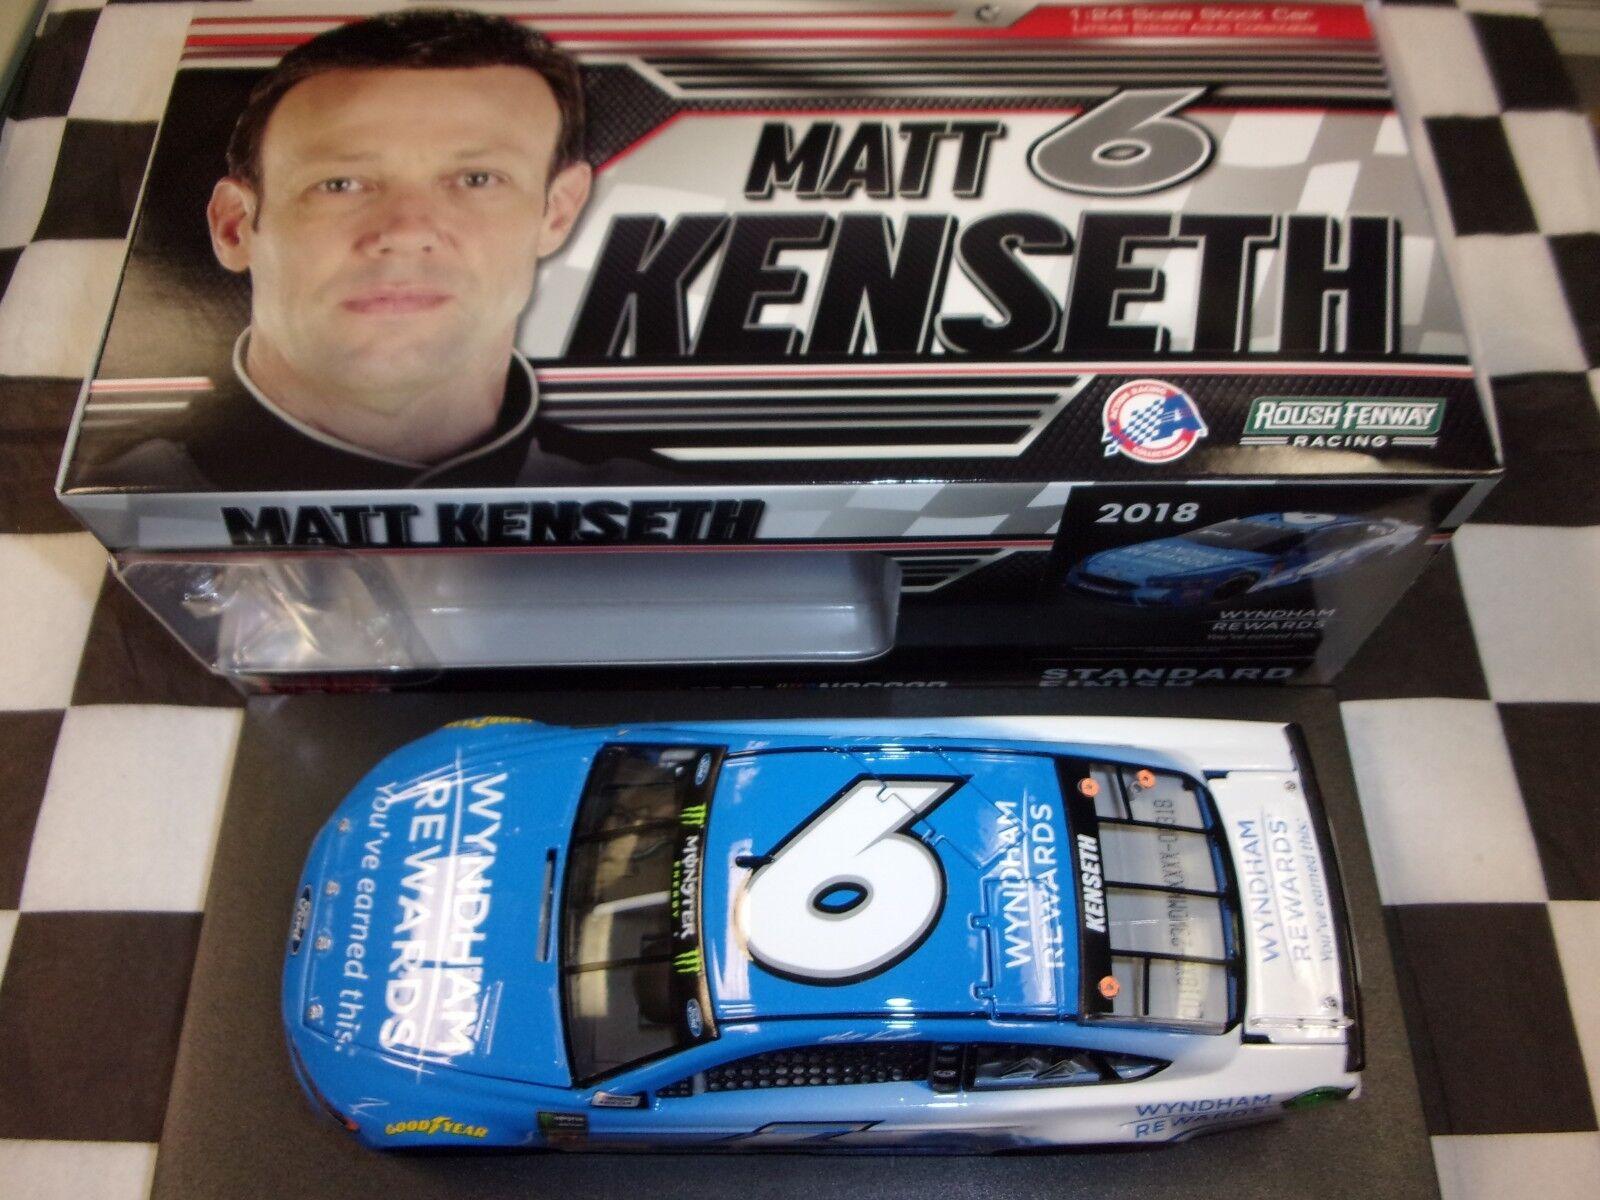 Matt Kenseth  6 Wyndham recompensas 2018 fusión acción 1 24 escala de coches nuevo en caja de NASCoche